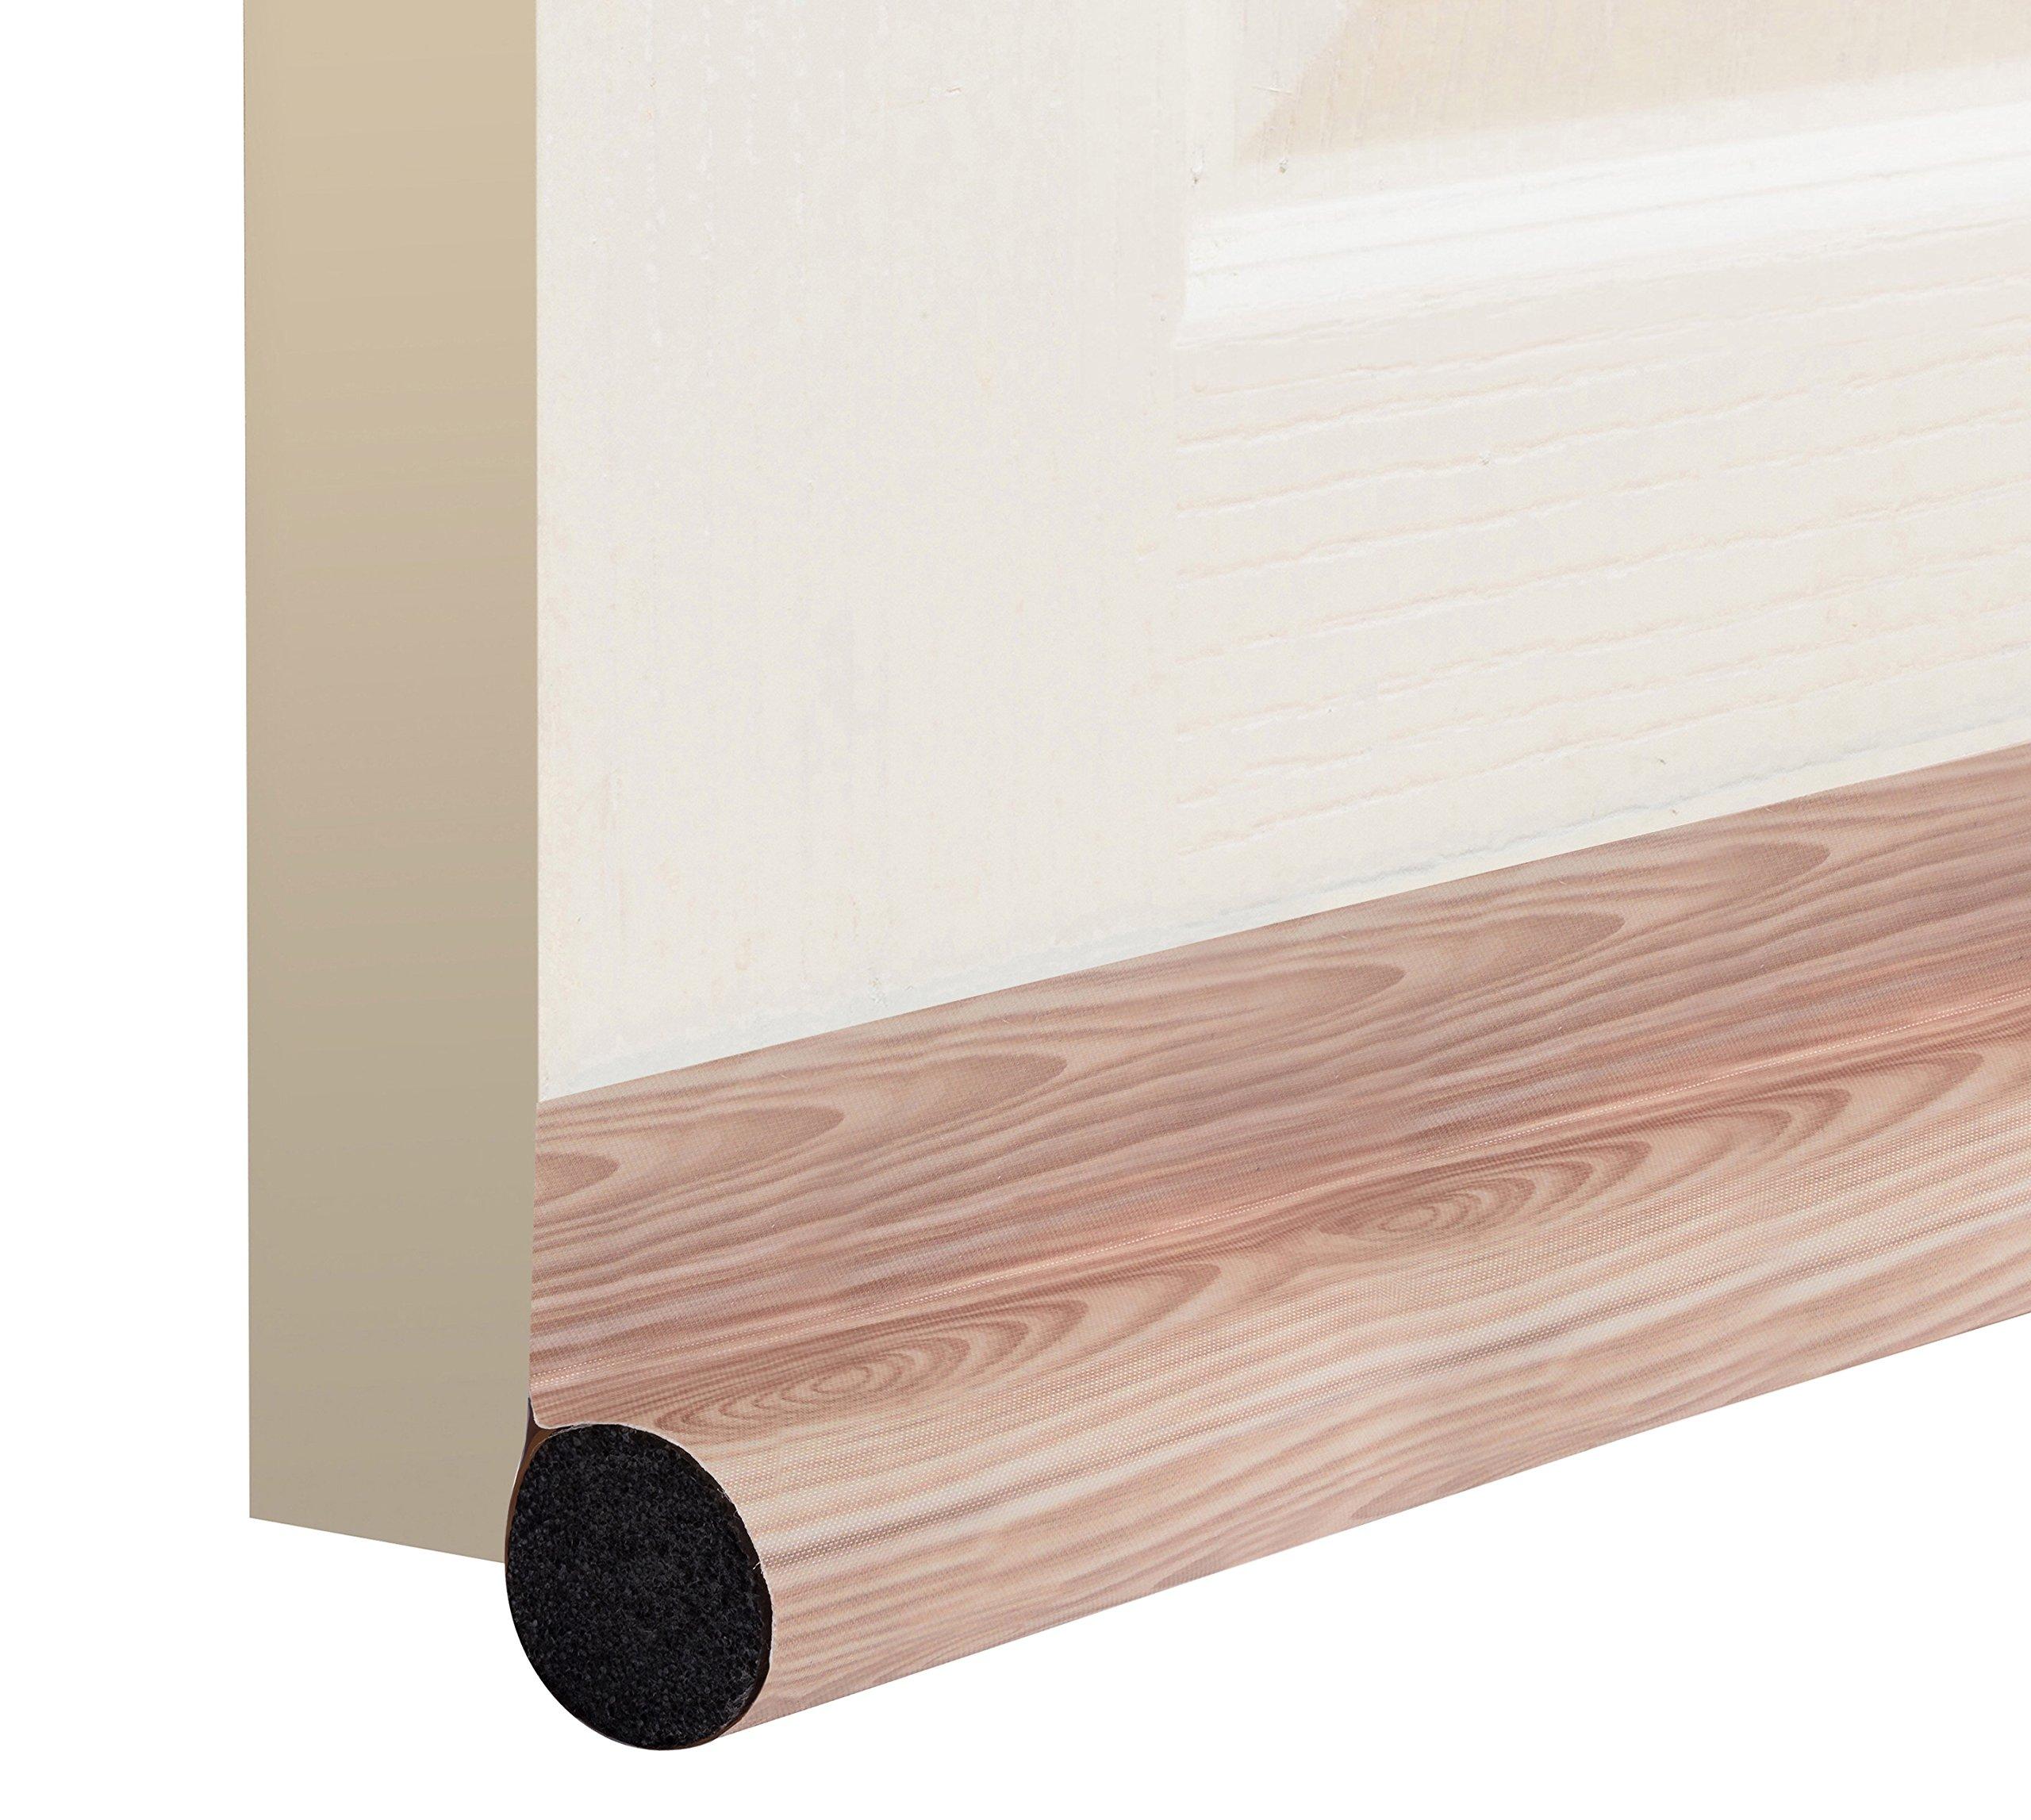 """DeeToolMan Under Door Draft Stopper 36"""": One Sided Door insulator/Velcro Self-Adhesive Seal Fits To Bottom Of Door/Under Door Draft Blocker/Door Weather Strip(Light Walnut Wood grain)"""